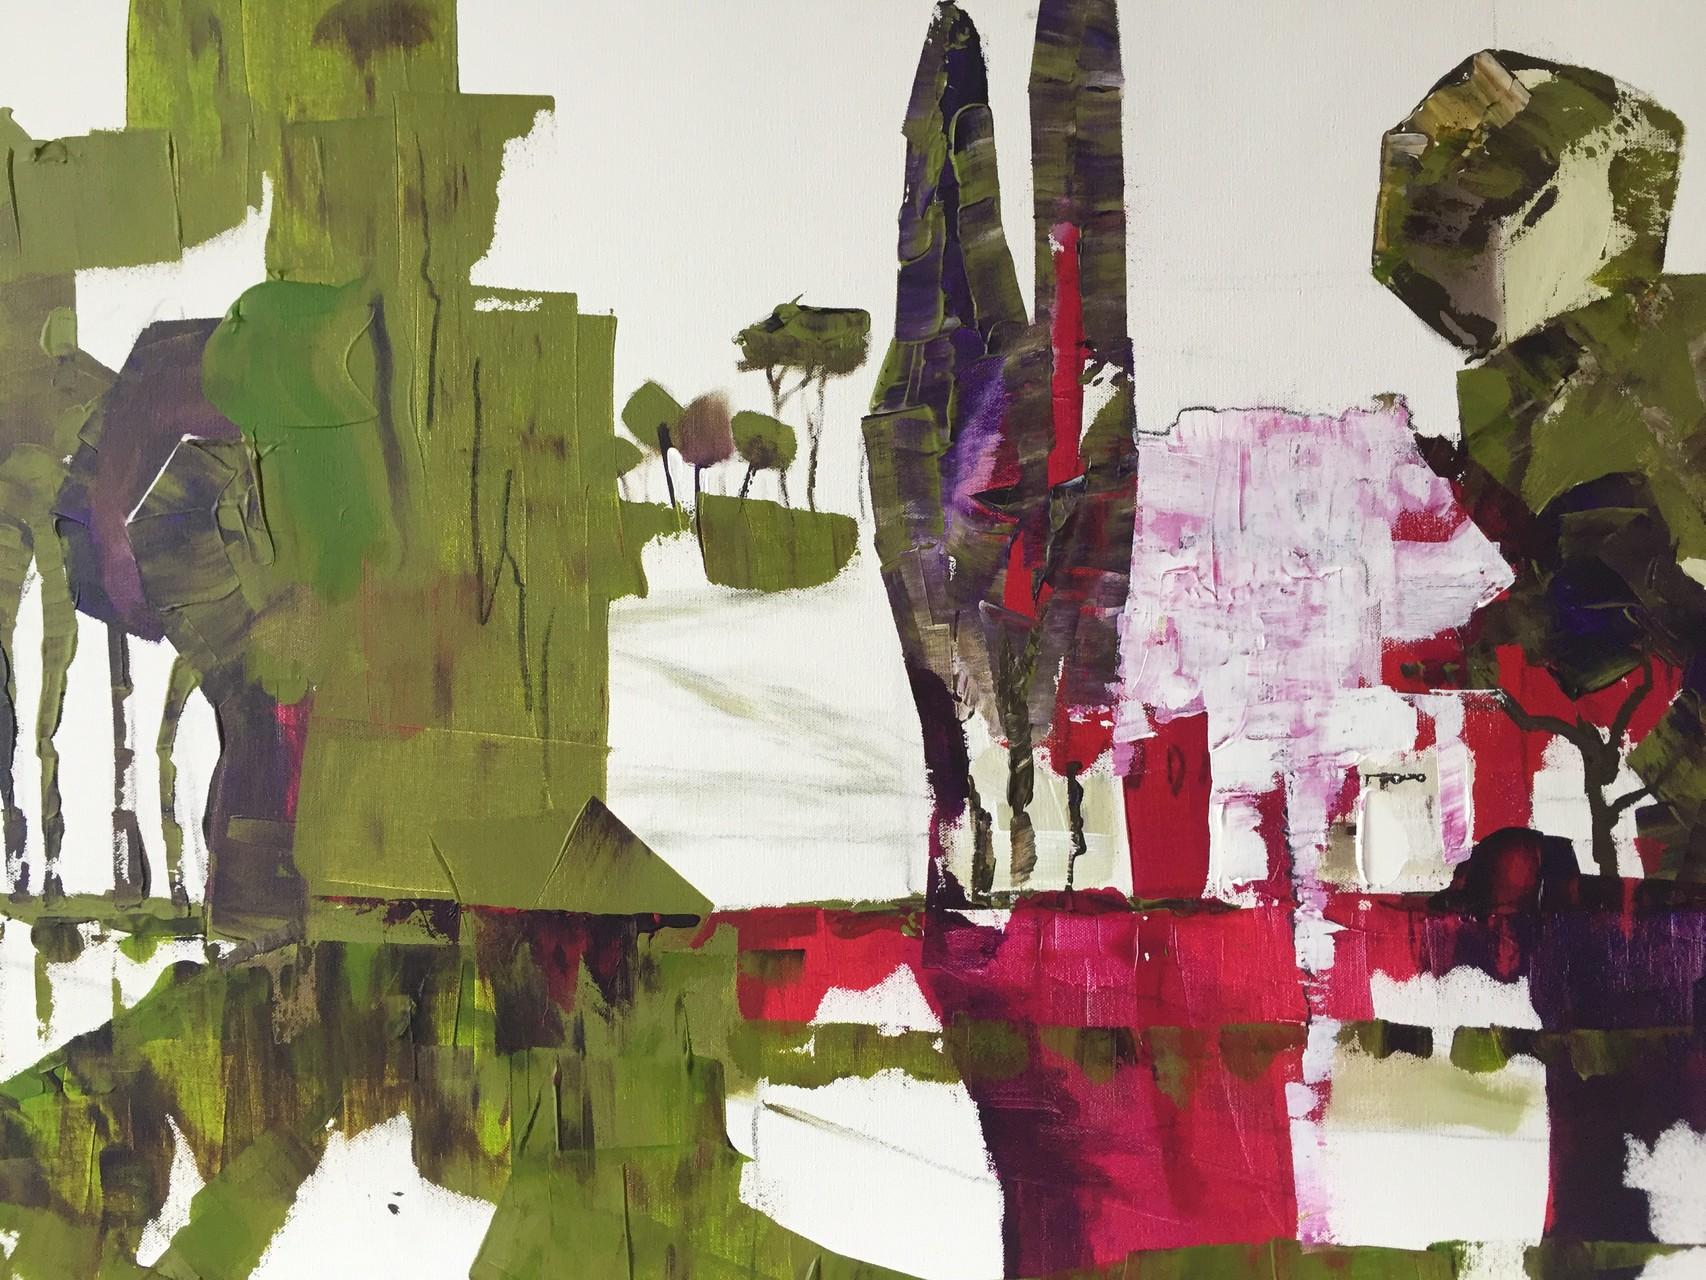 Am Comosee, Acryl auf Leinwand, 80 x 60 cm